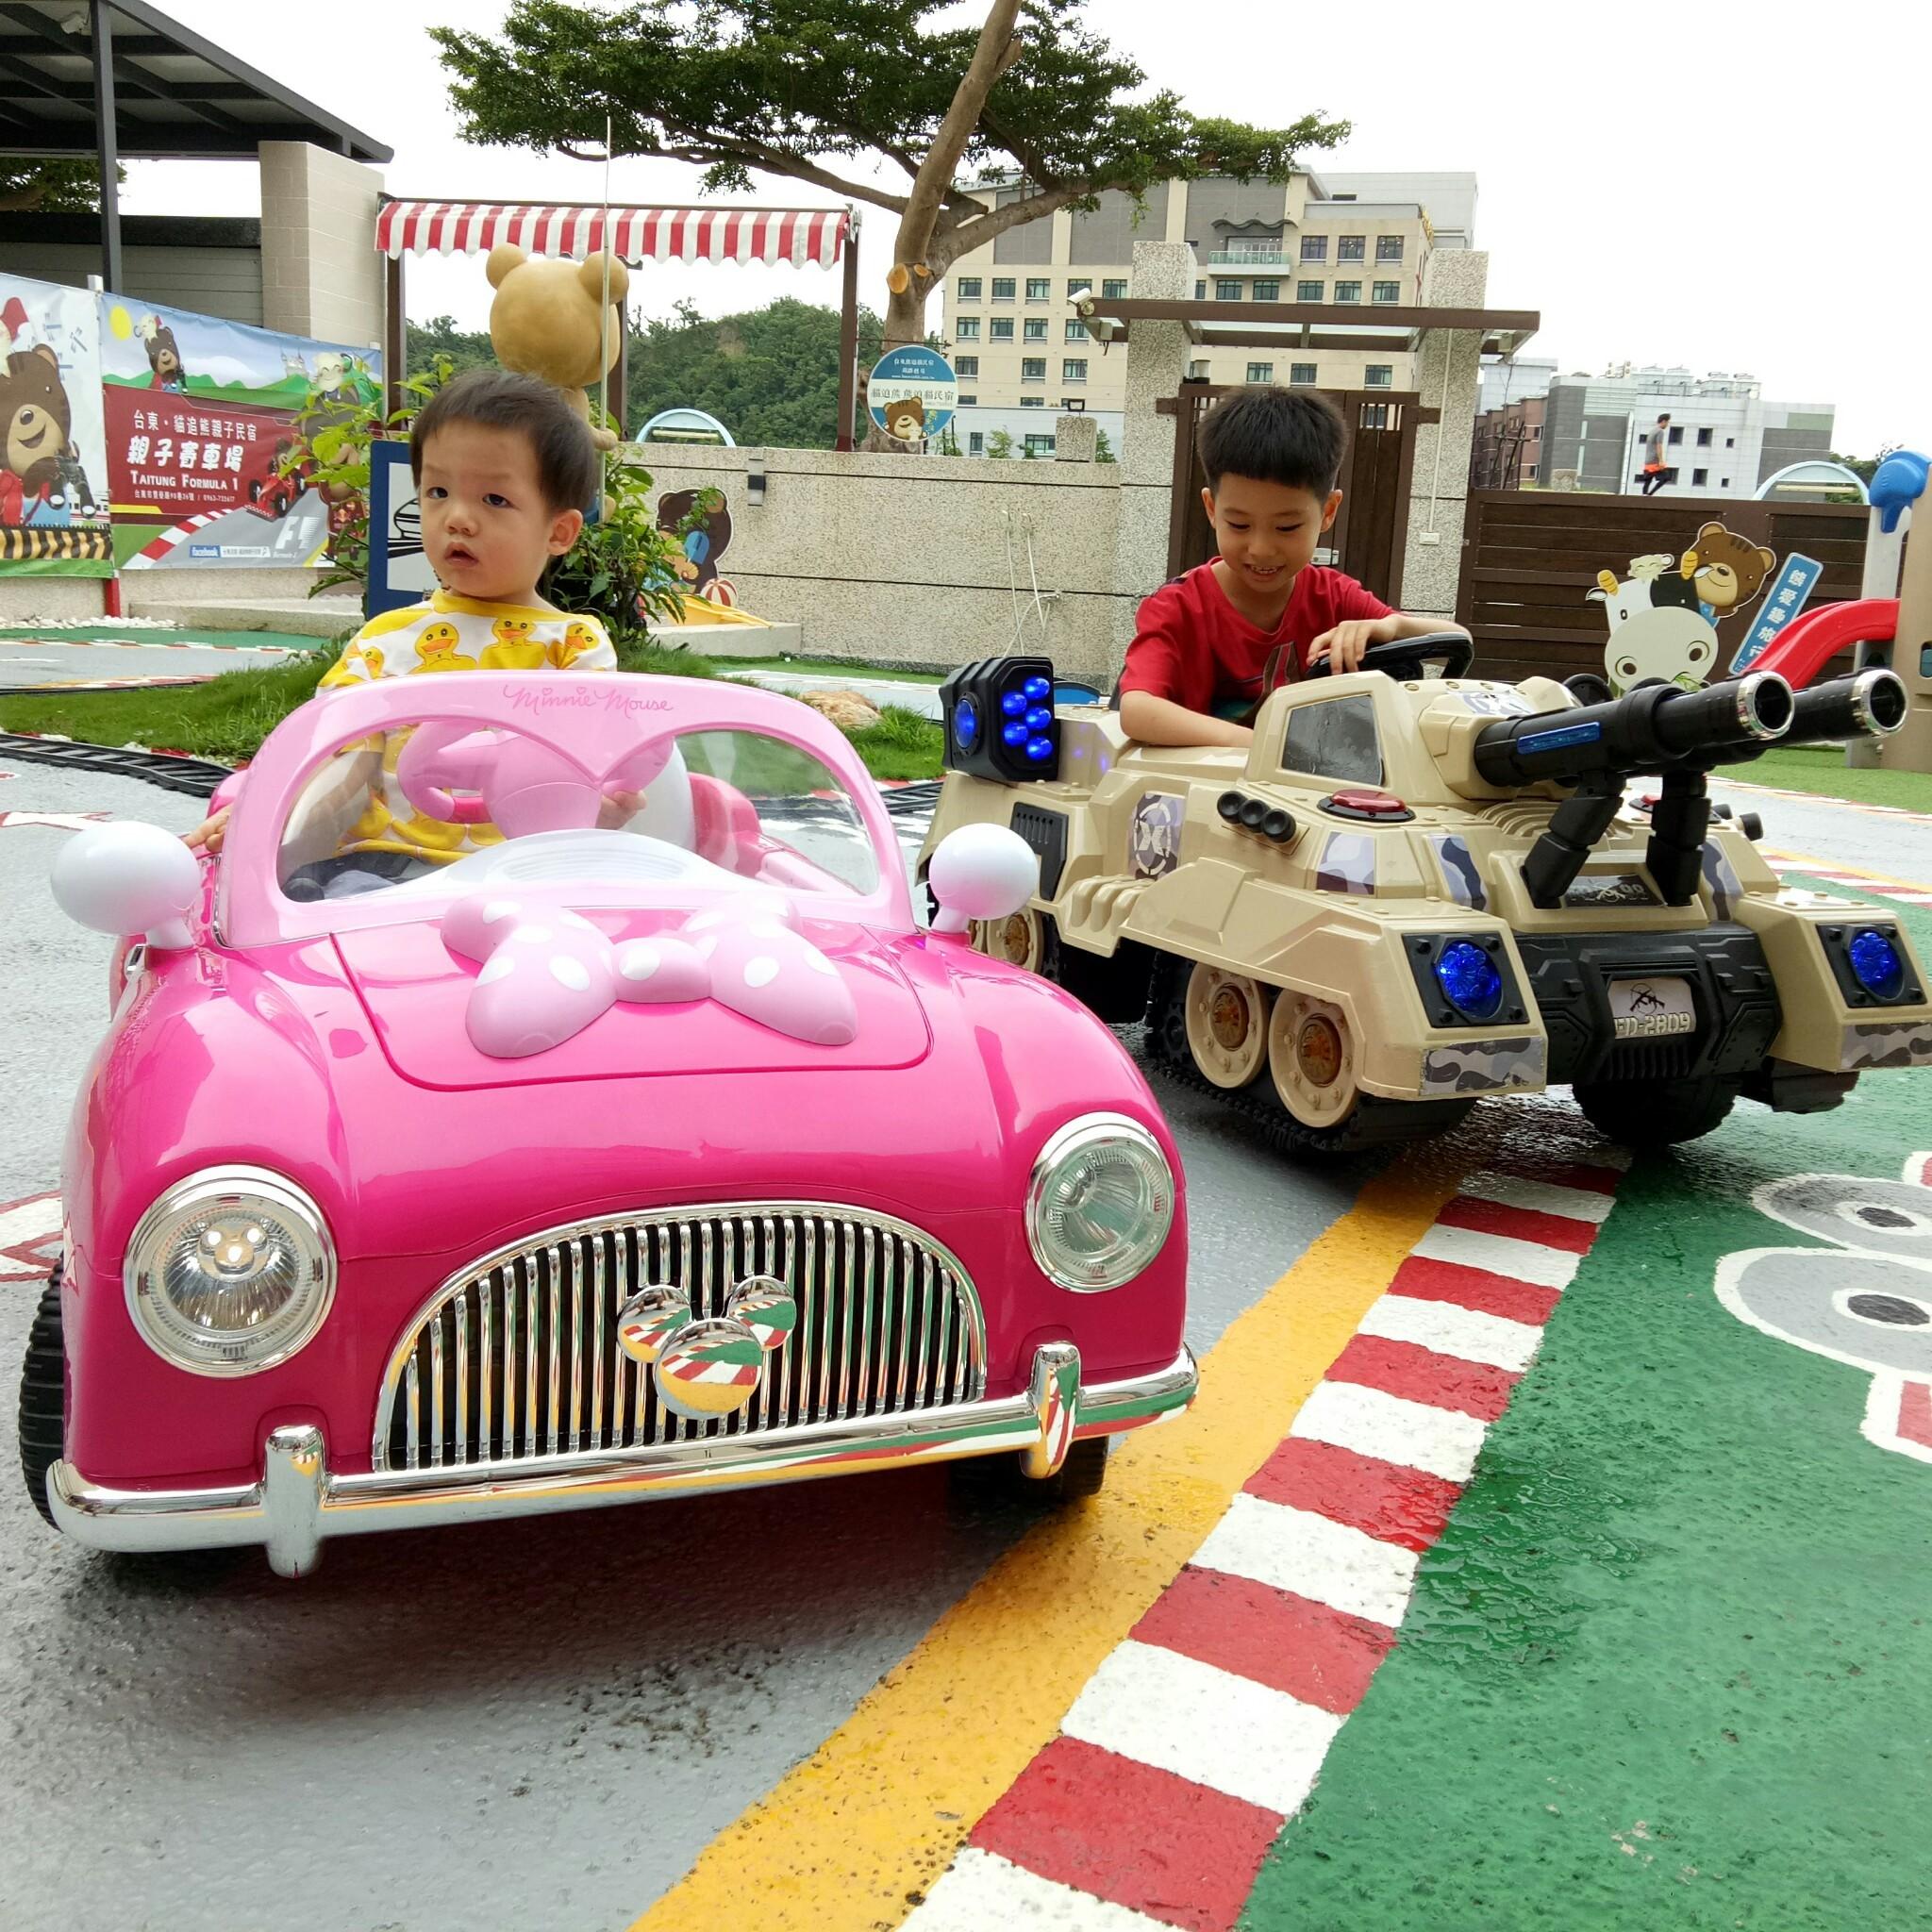 兒童電動車造型電動車歡迎蒞臨台東民宿貓追熊親子民宿試開